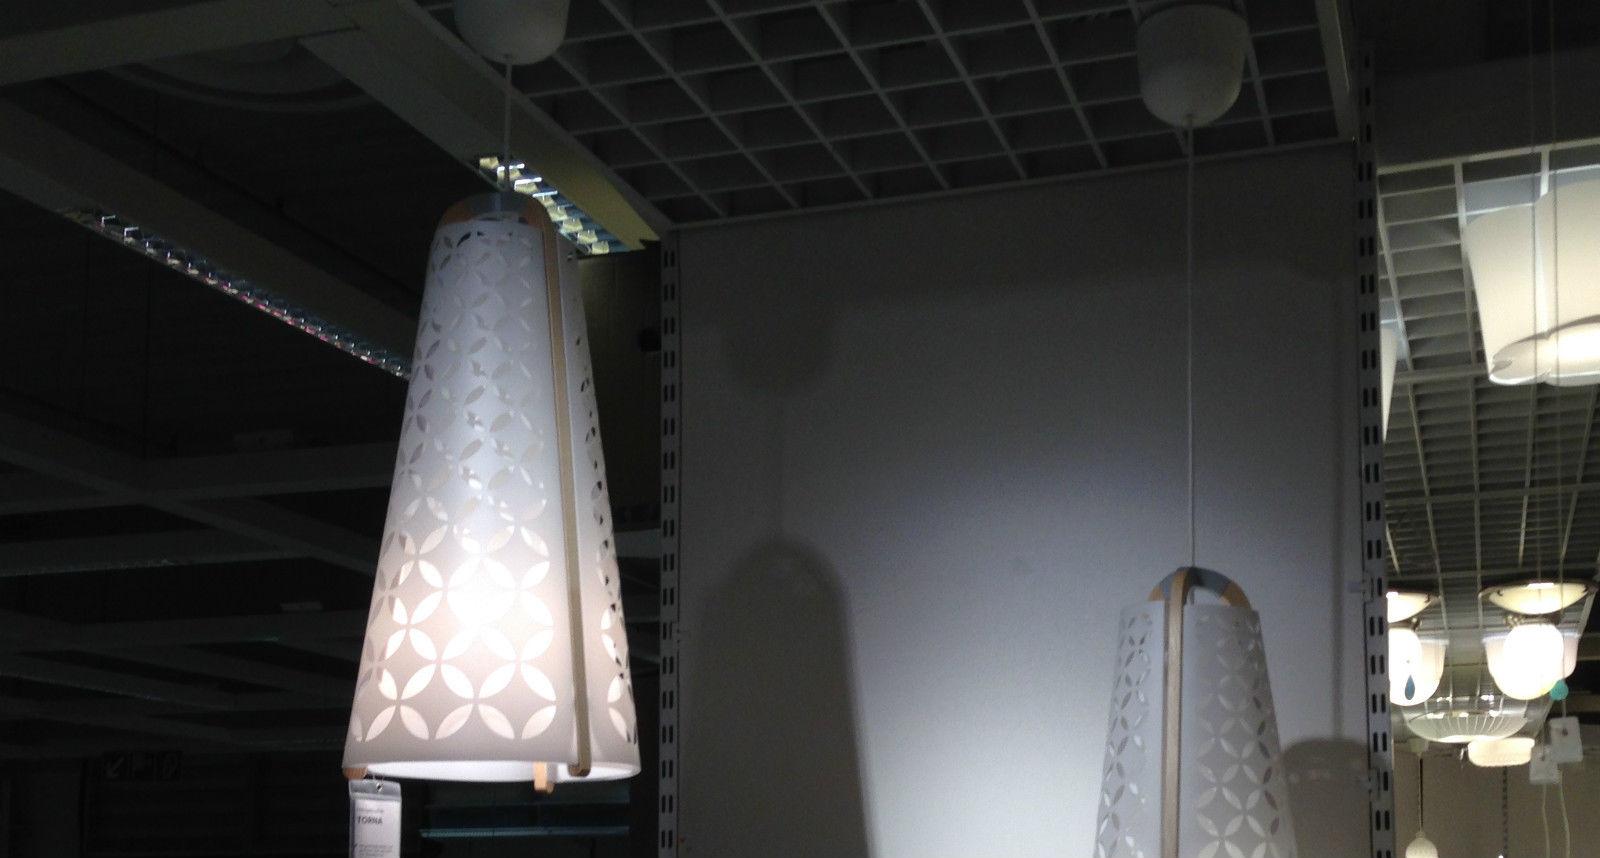 Hängeleuchte Designer Torna Hängelampe Deckenlampe Neu Ikea Lampe Deckenleuchte 1cTlFJK